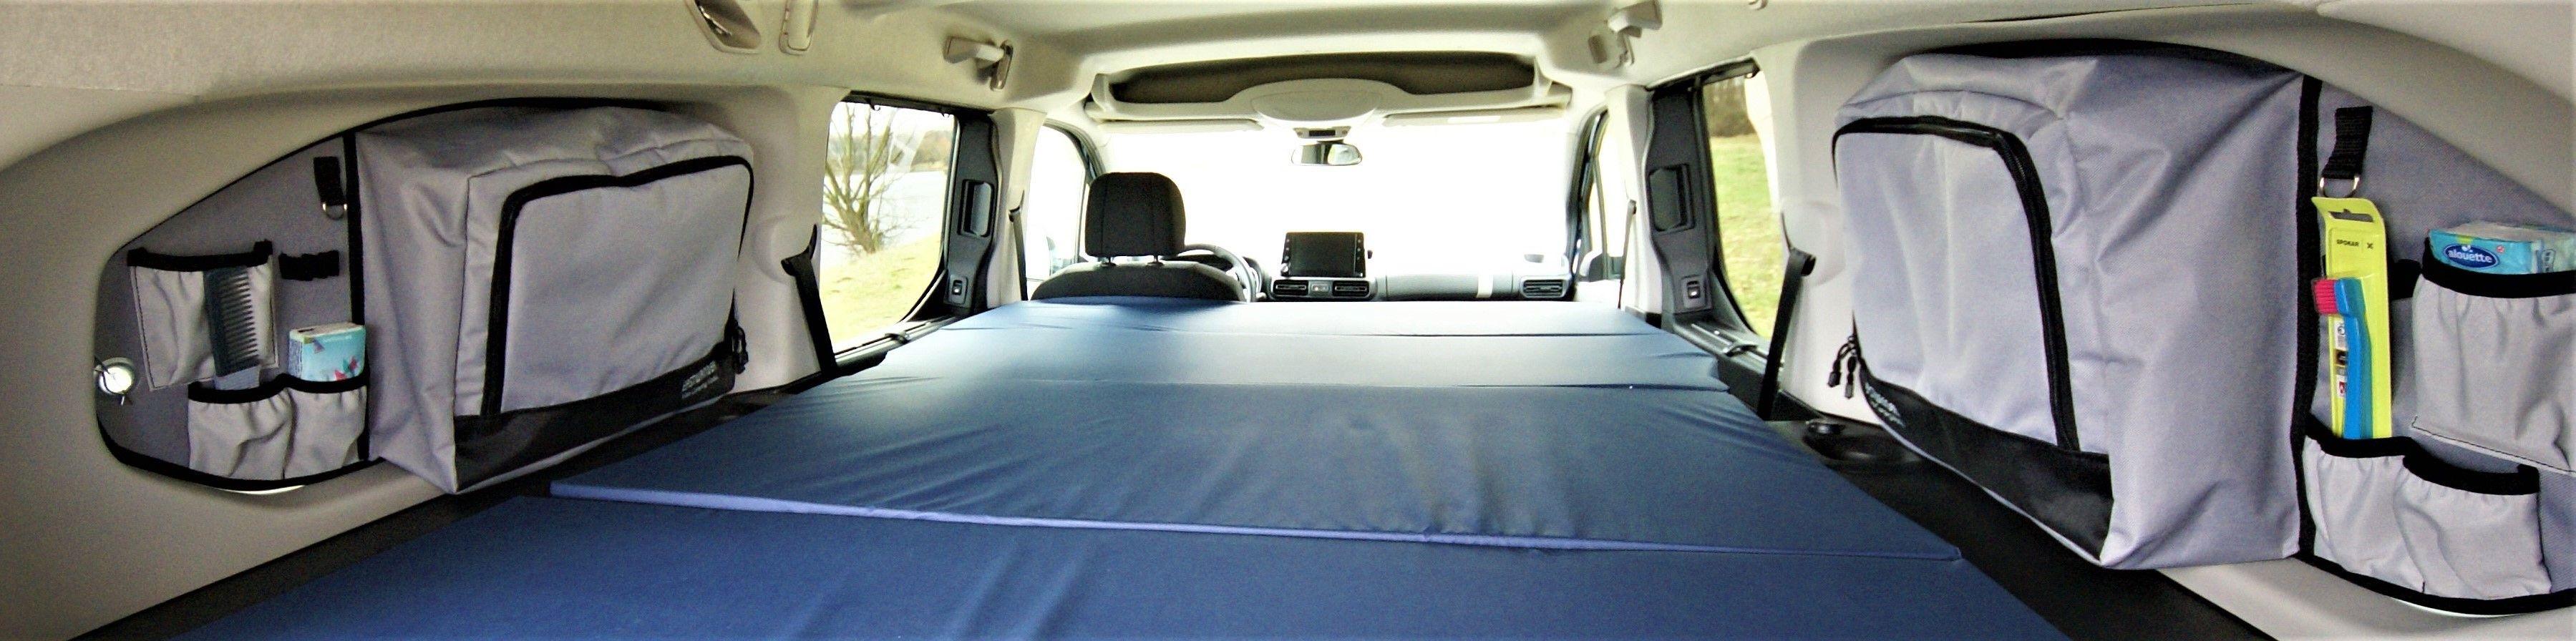 Doplňková výbava obytného vozu Van Camping Modul